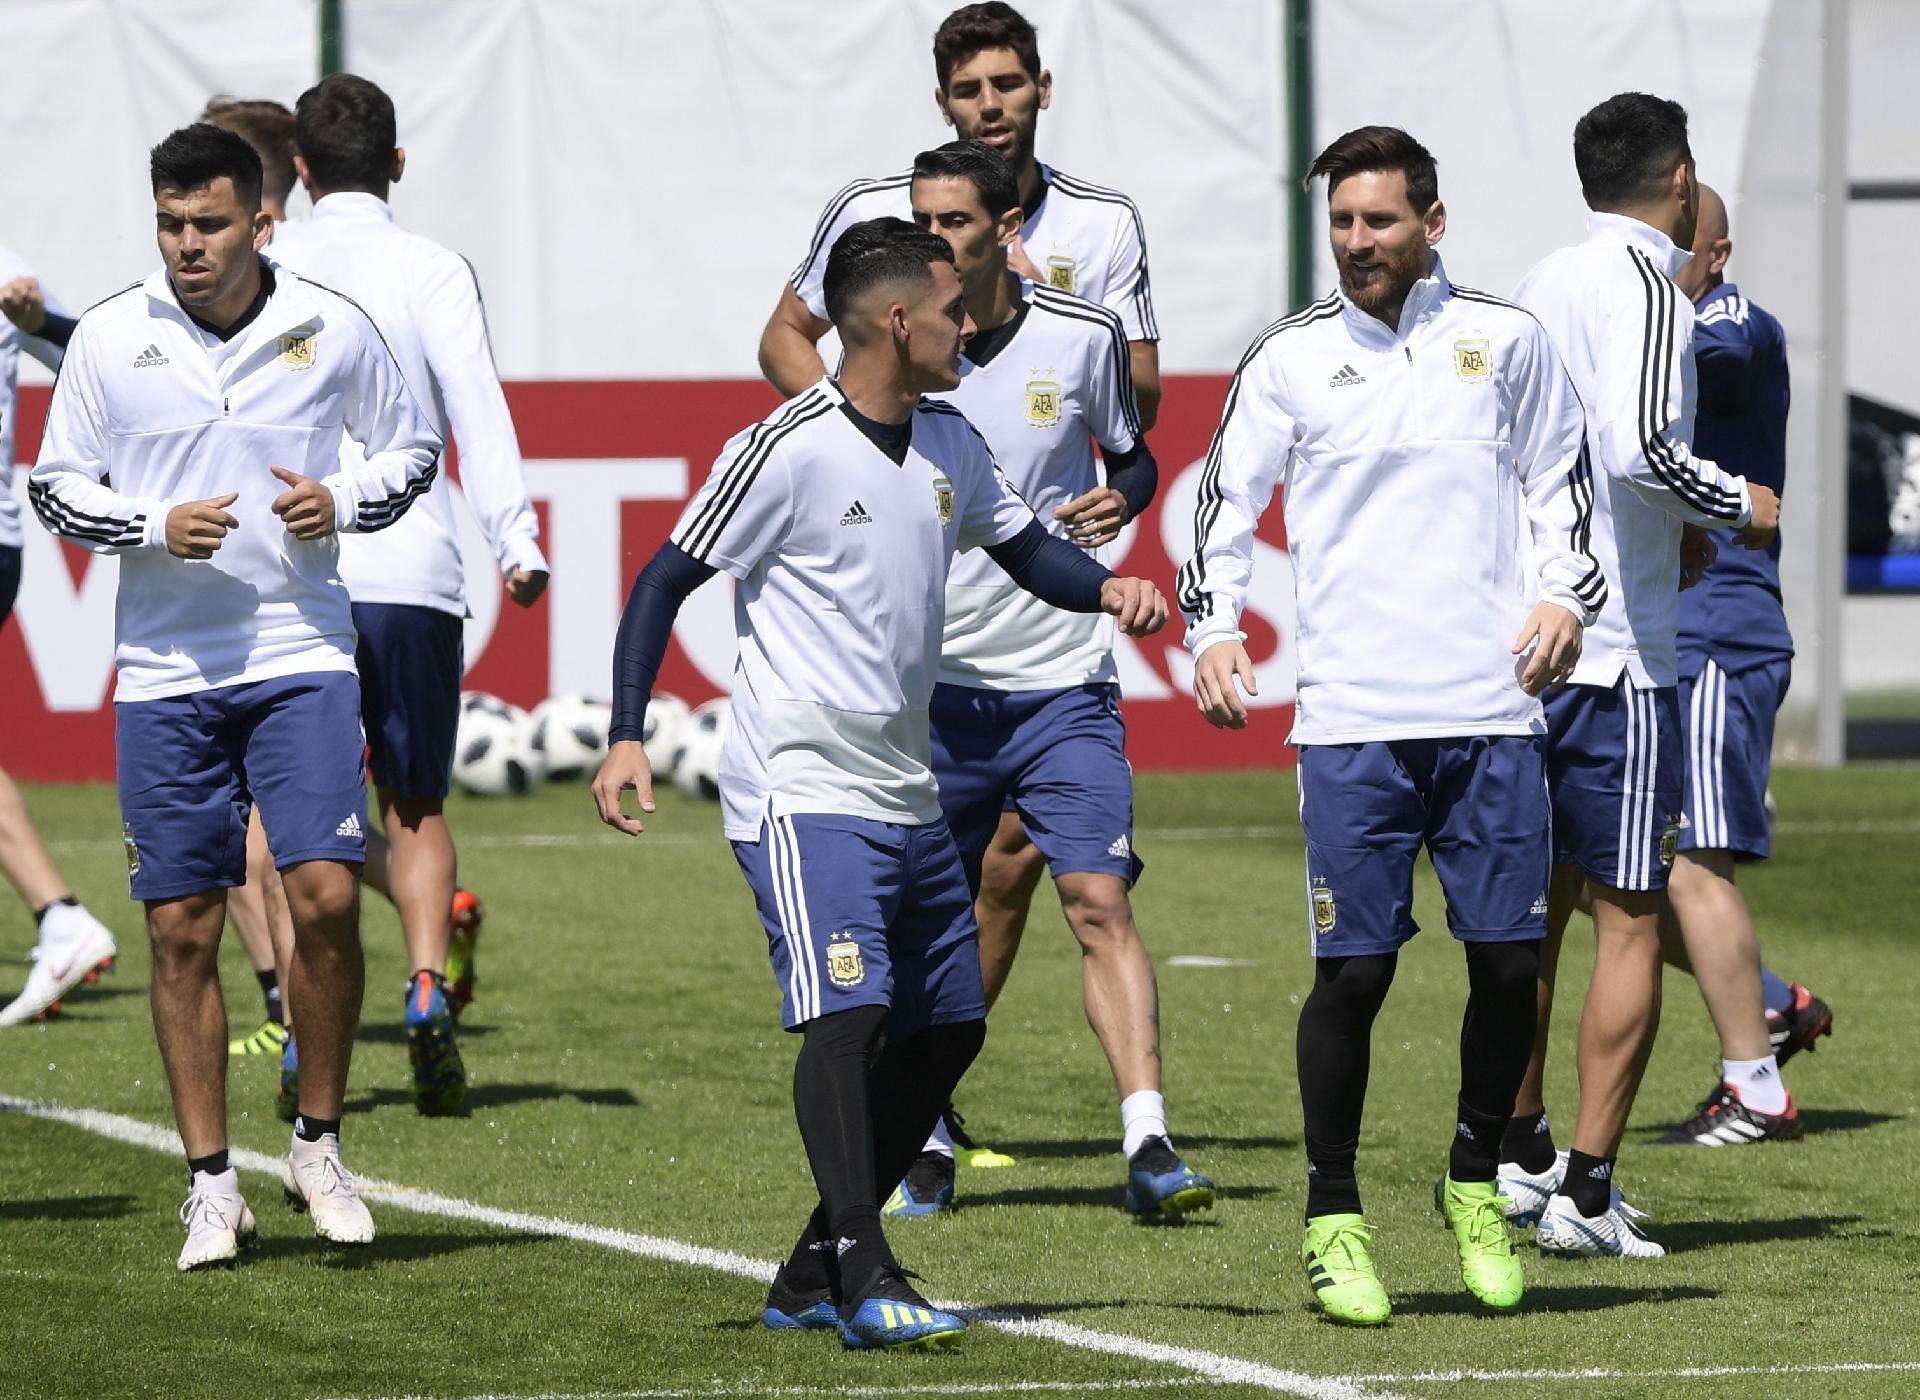 Argentina na Copa 2018  Argentina confirma time titular em último treino  antes de estreia na Copa - UOL Copa do Mundo 2018 279cf0d036